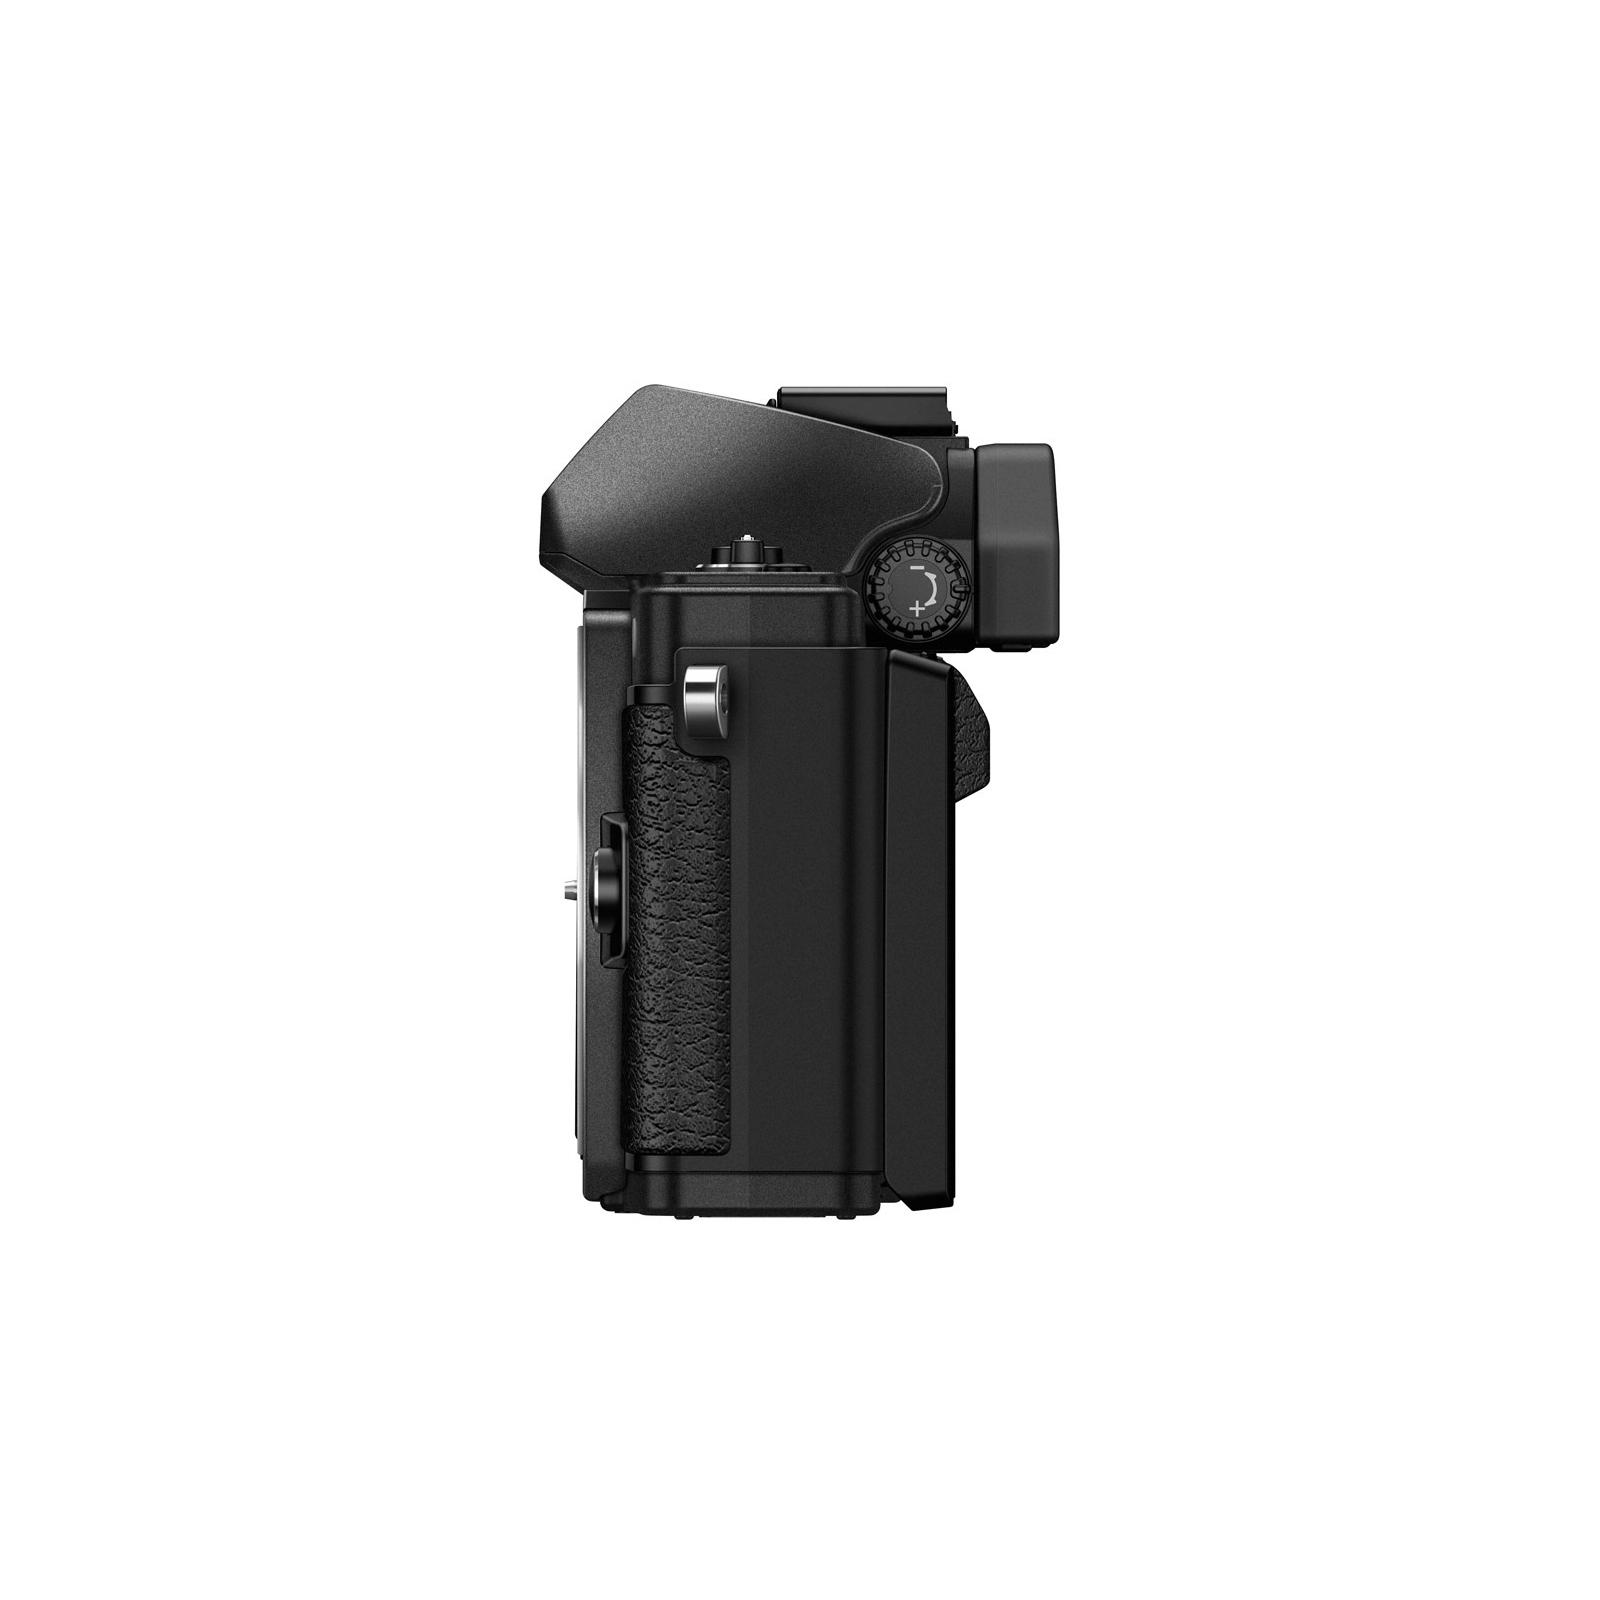 Цифровой фотоаппарат OLYMPUS E-M10 mark II 14-42 Kit black/black (V207051BE000) изображение 10